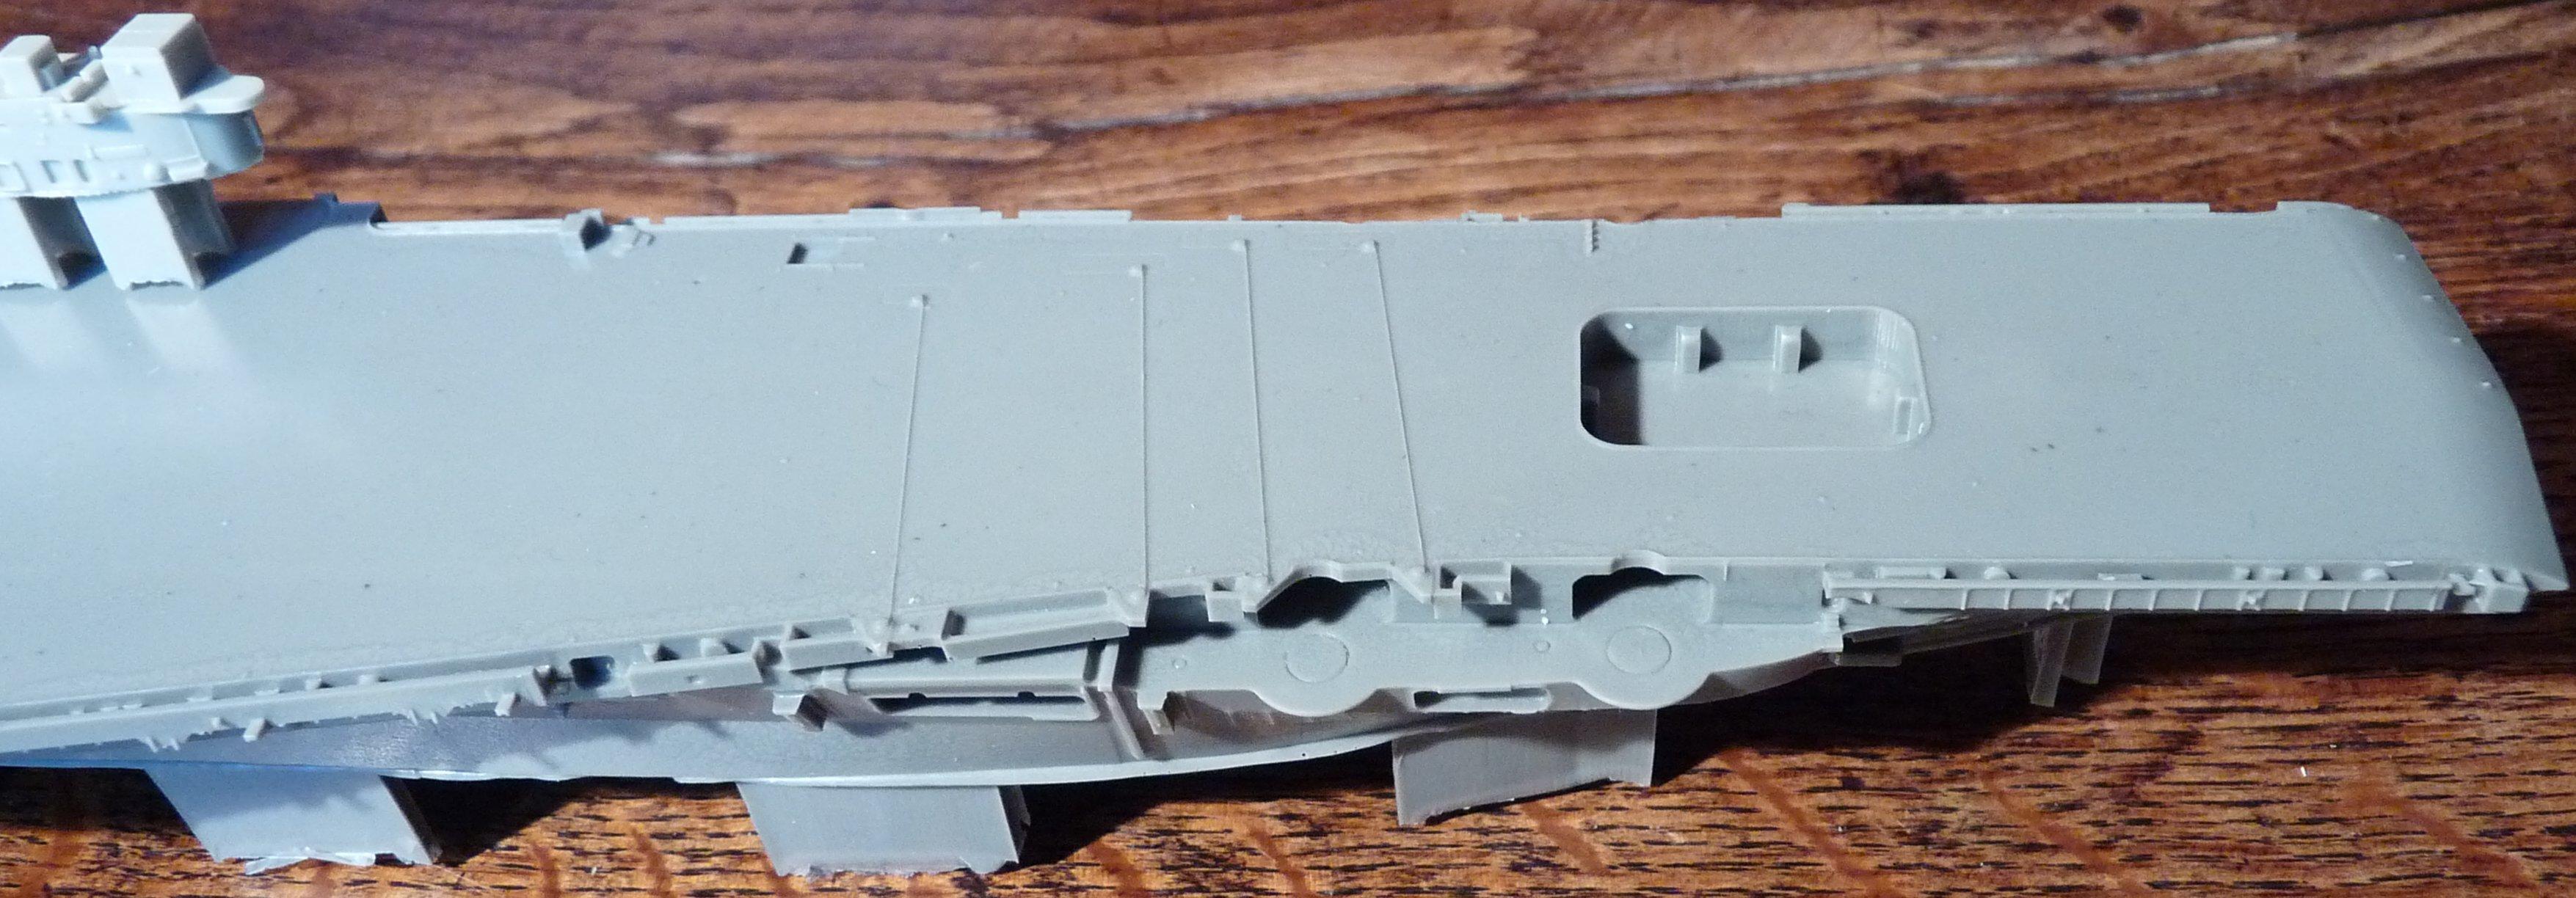 [HMS Victorious après refonte] 1/700e maquette Orange Hobby 17072112561523134915159380